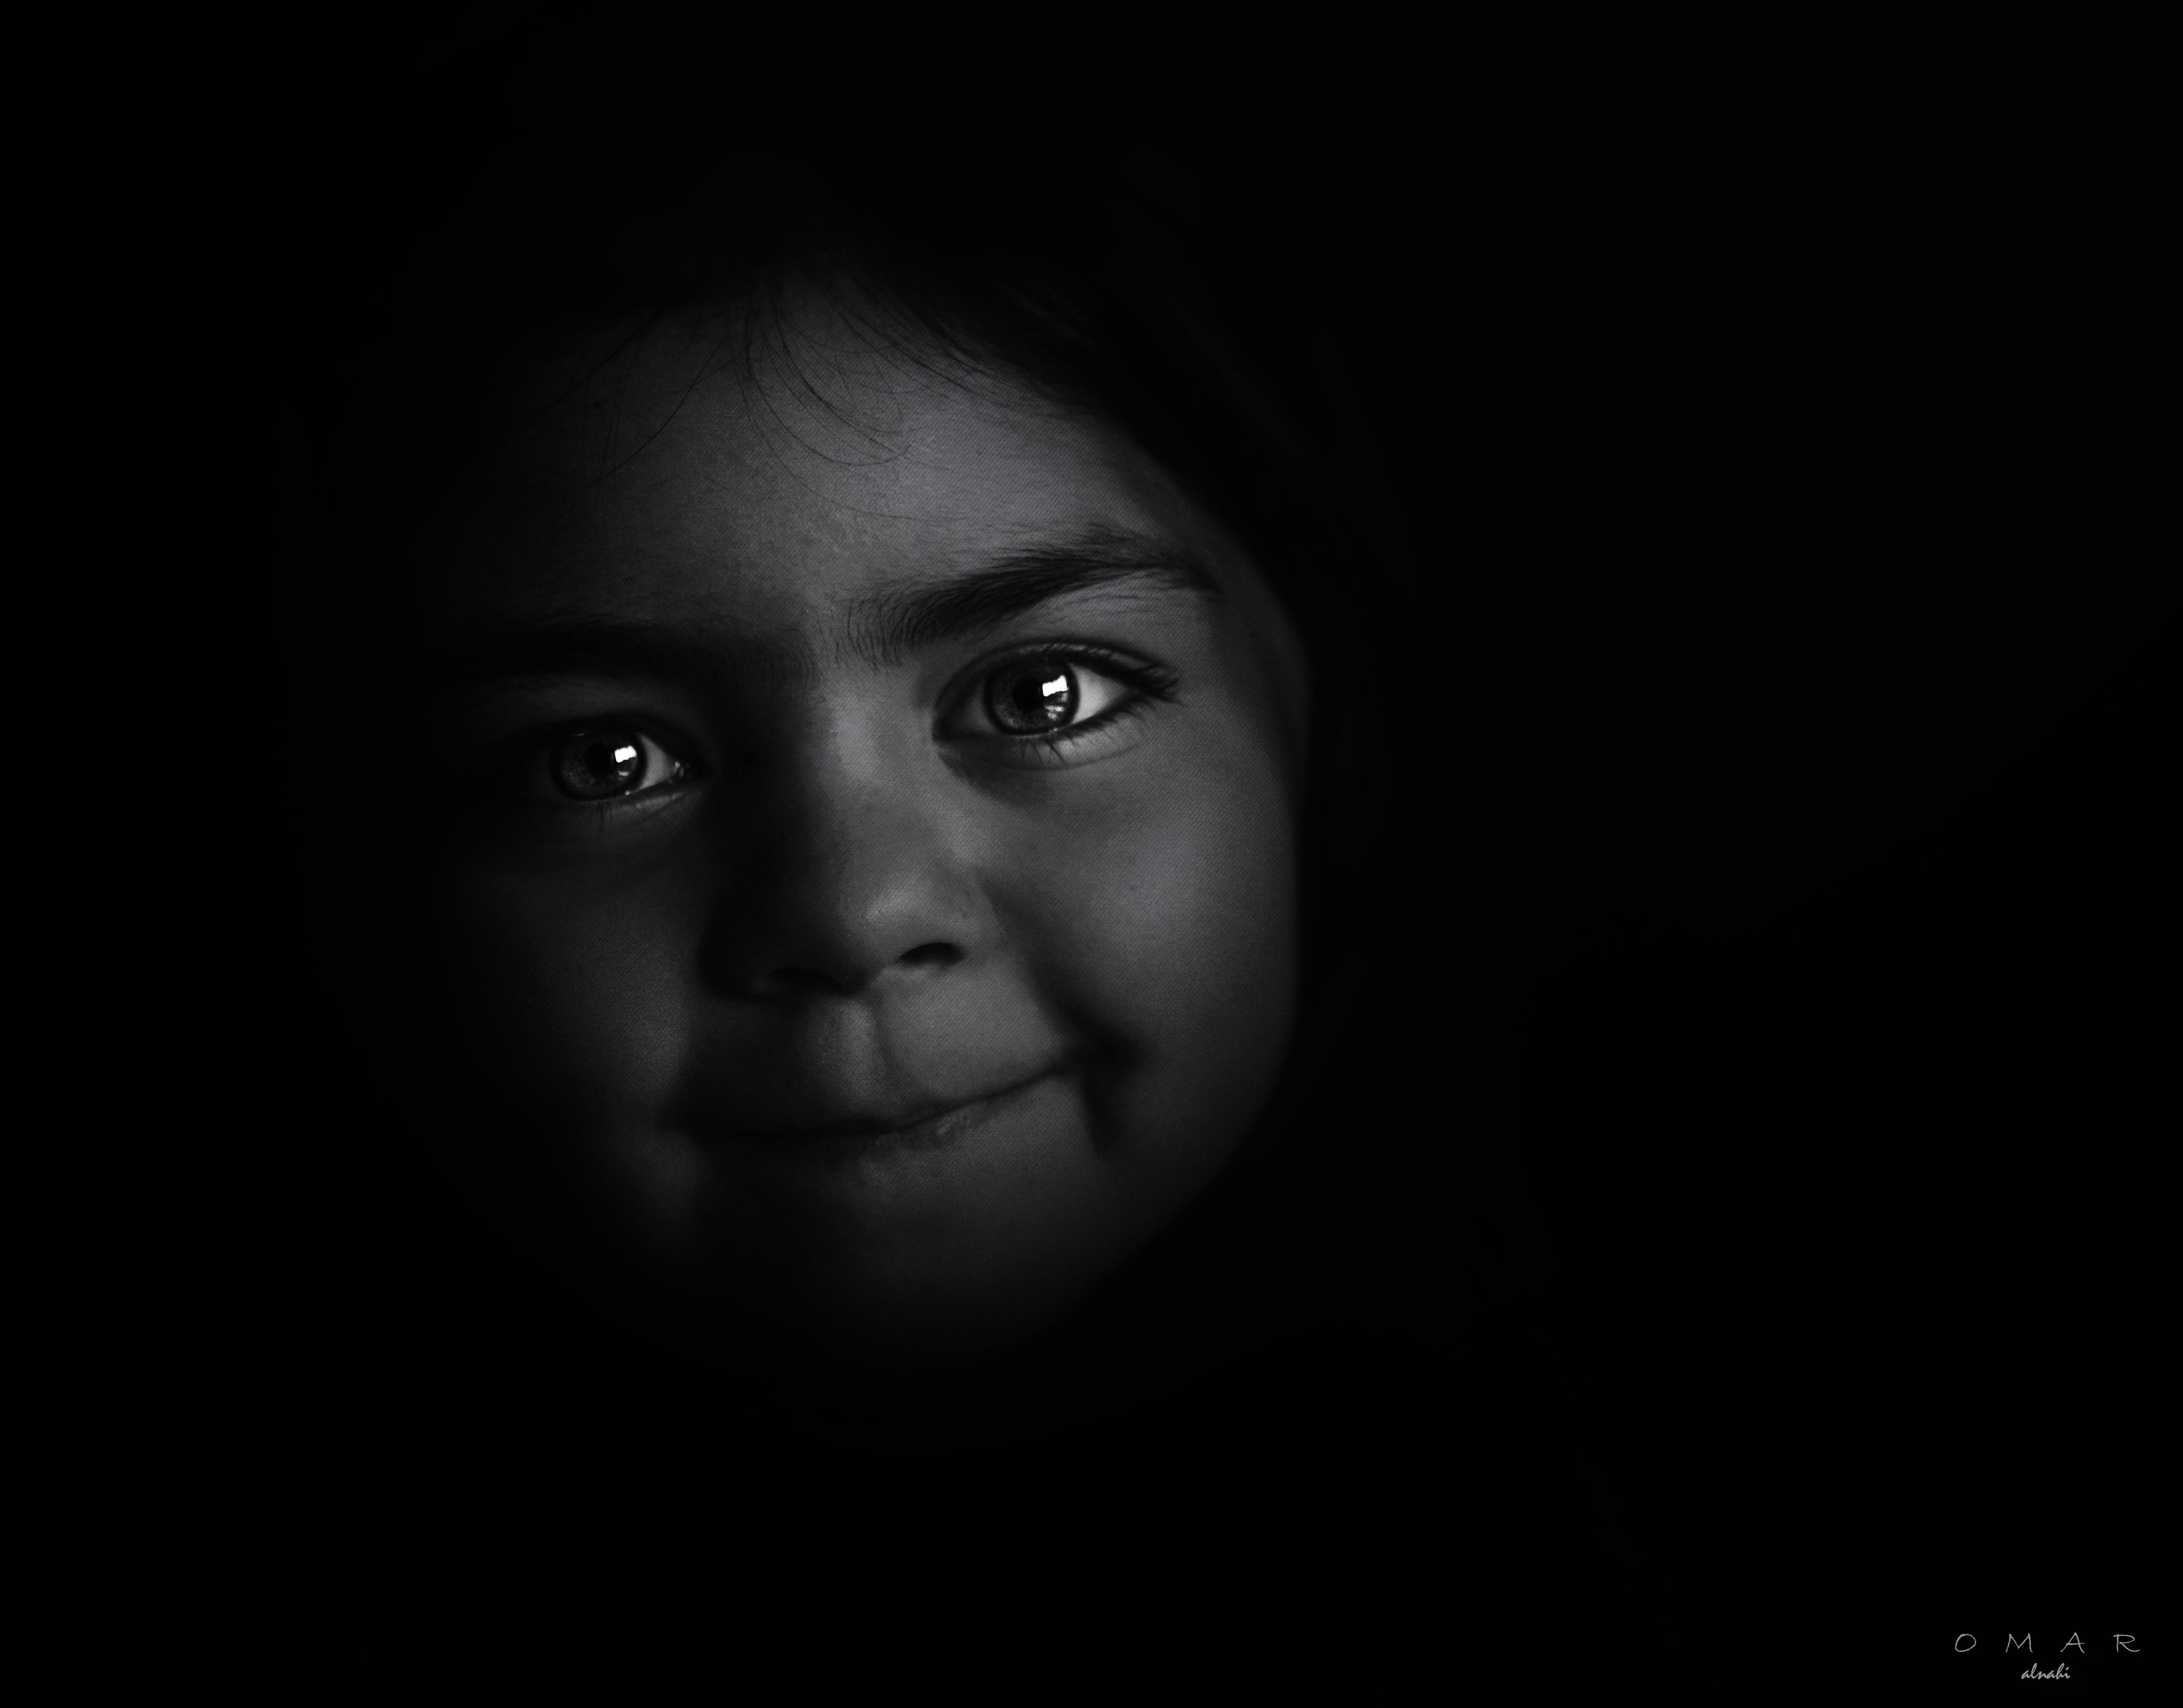 black-and-white, dark, eyes